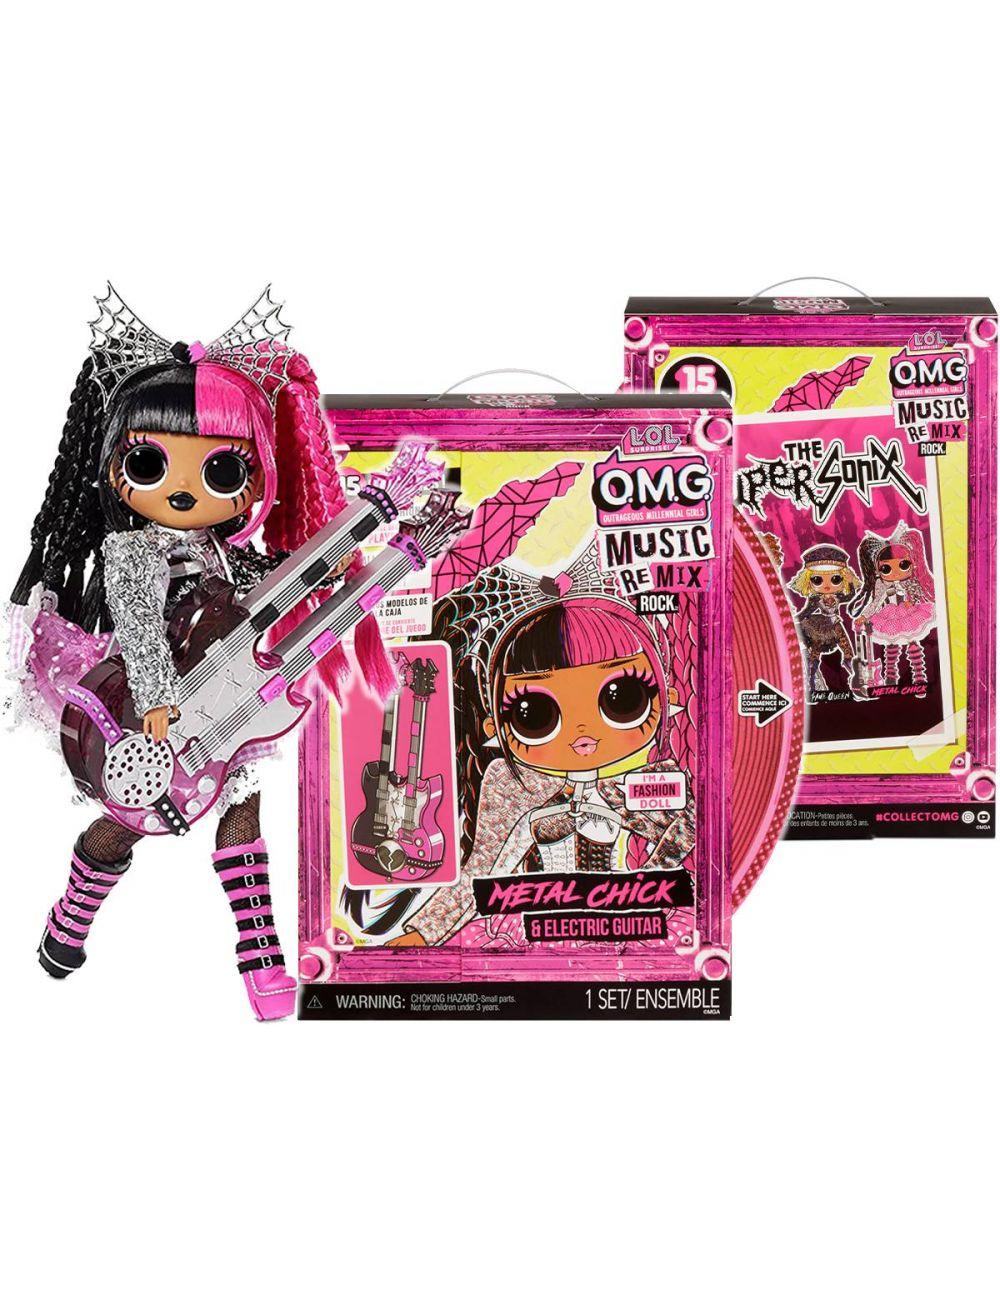 LOL Surprise OMG Remix Rock Lalka Metal Chick z Gitarą Elektryczną 577577